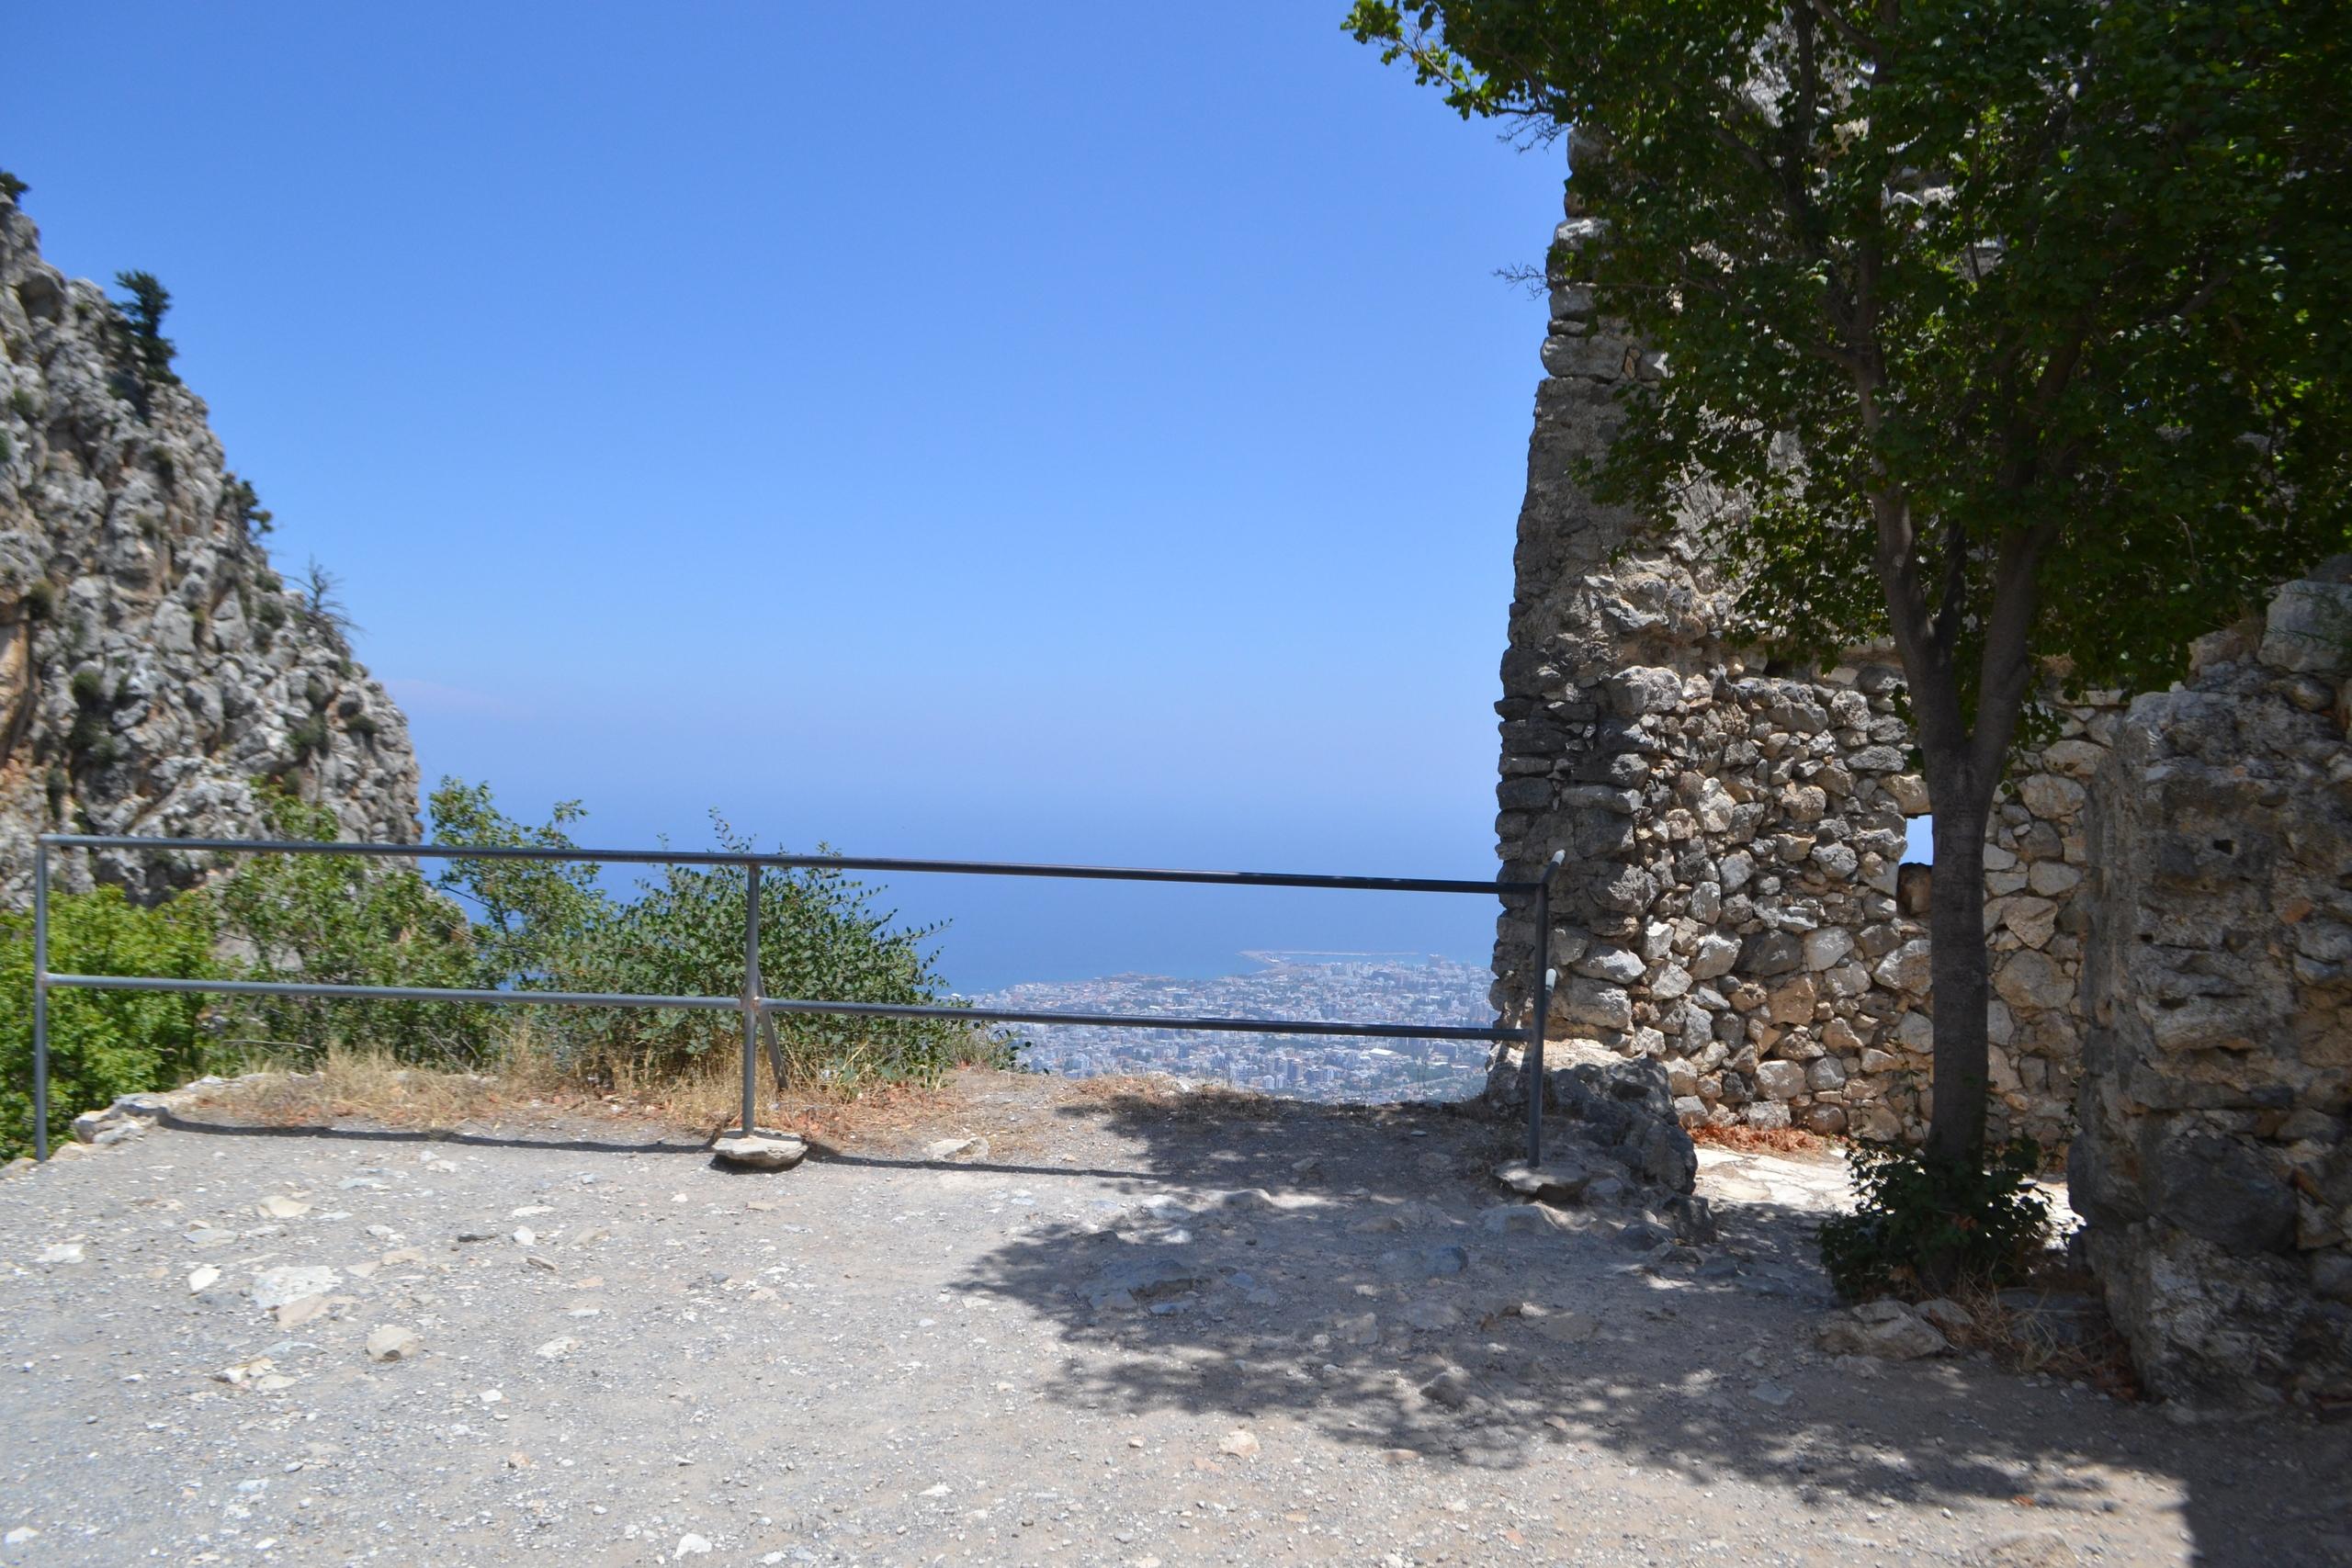 Северный Кипр. Замок Святого Иллариона. (фото). Mw4l7li5xr0